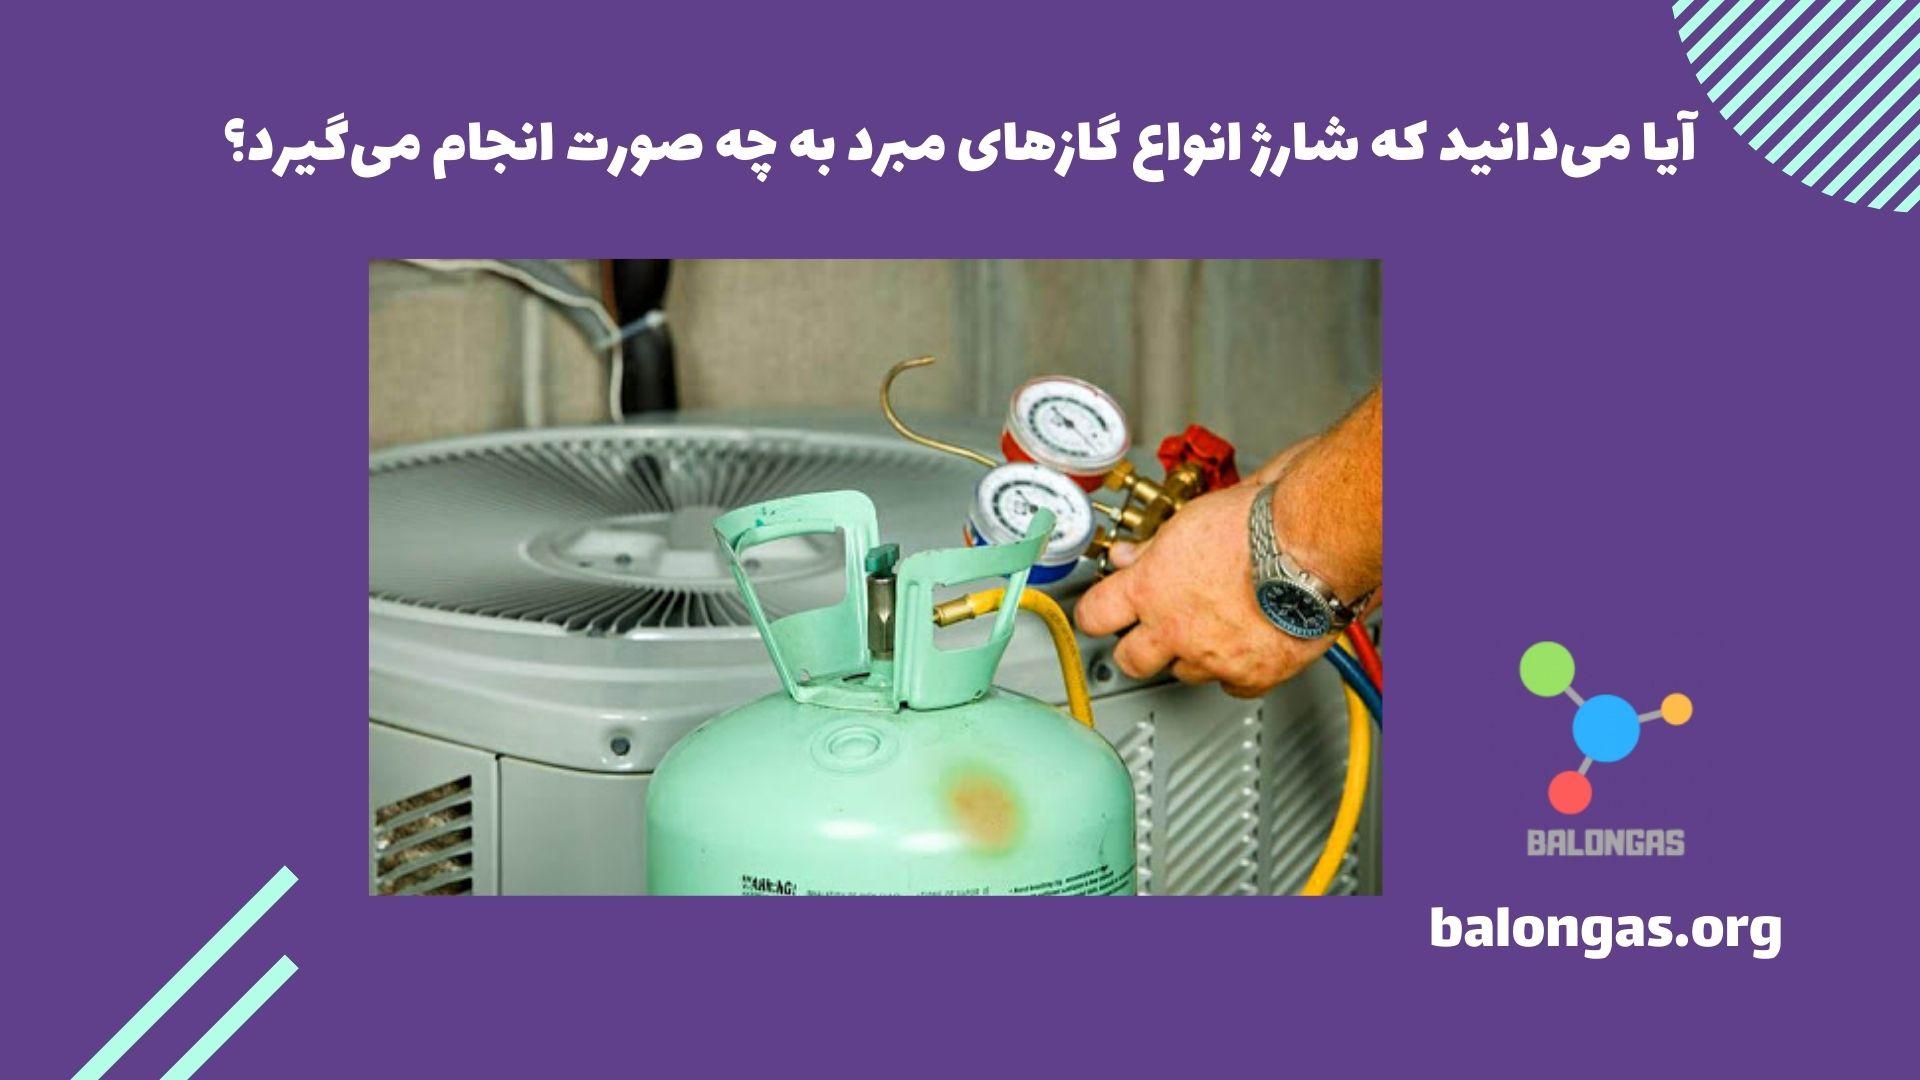 آیا میدانید که شارژ انواع گازهای مبرد به چه صورت انجام میگیرد؟